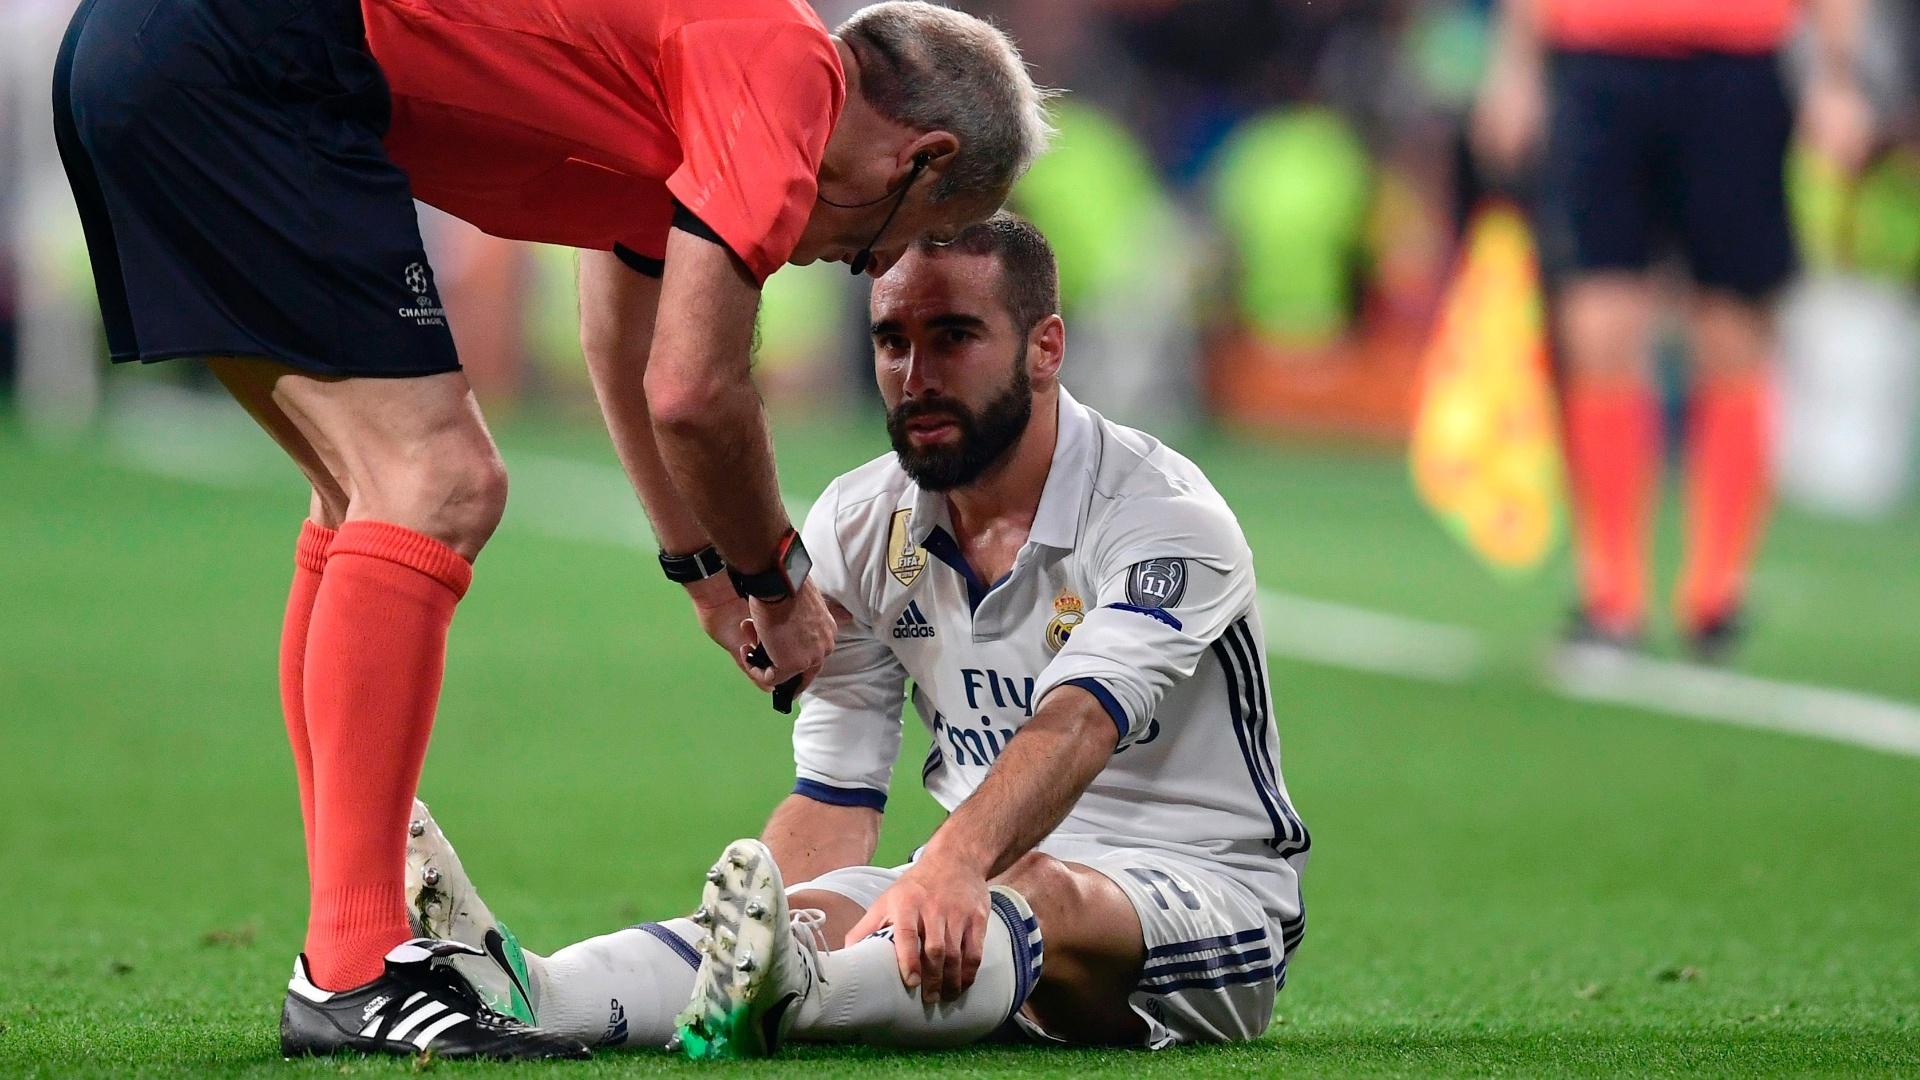 Carvajal sente lesão durante a partida entre Real Madrid e Atlético de Madri